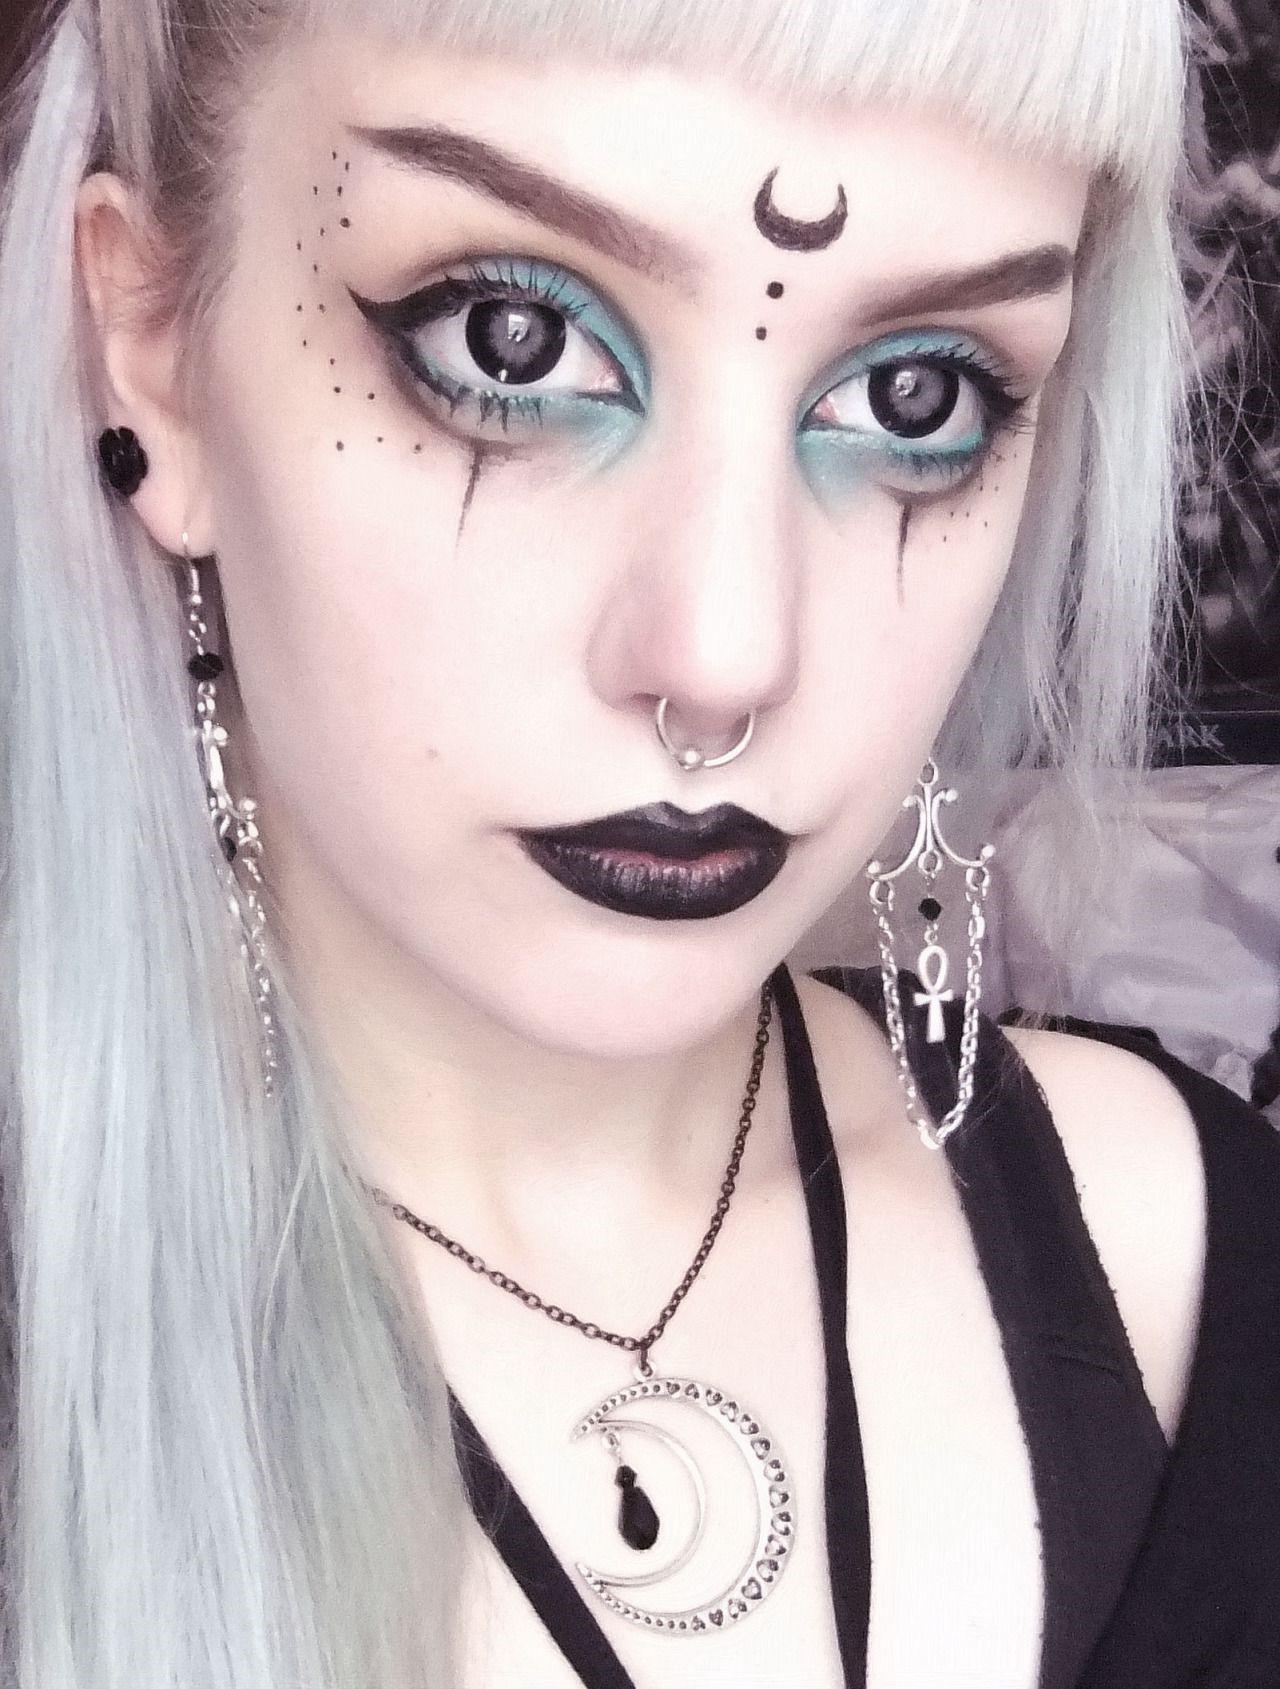 Vous pouvez accentuer les yeux et les lèvres en les coloriant en noir.